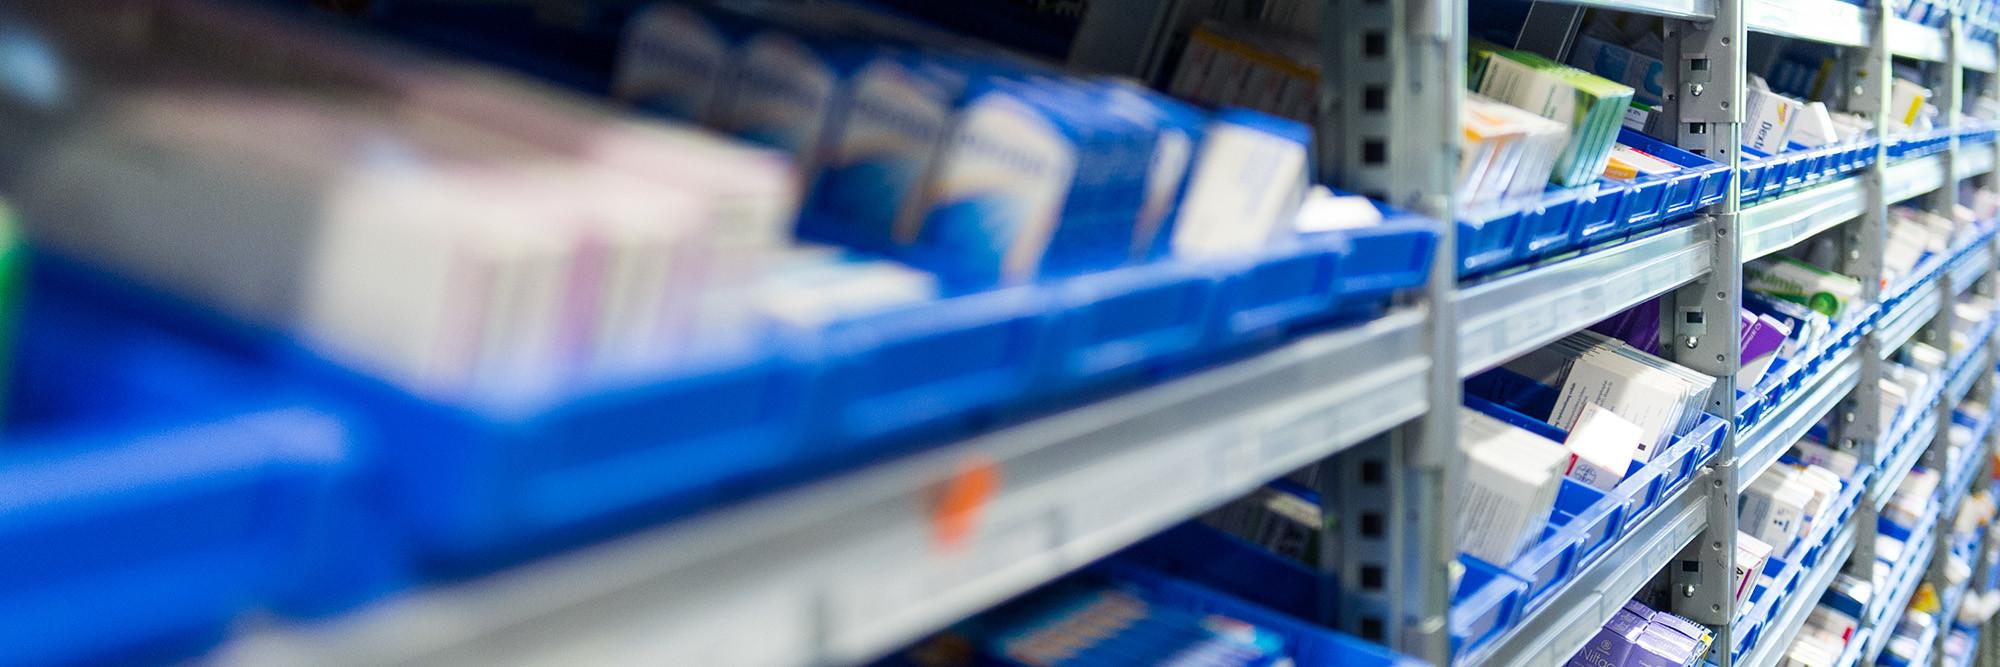 Blick auf ein Regal der Klinik-Apotheke mit zahlreichen Medikamenten.